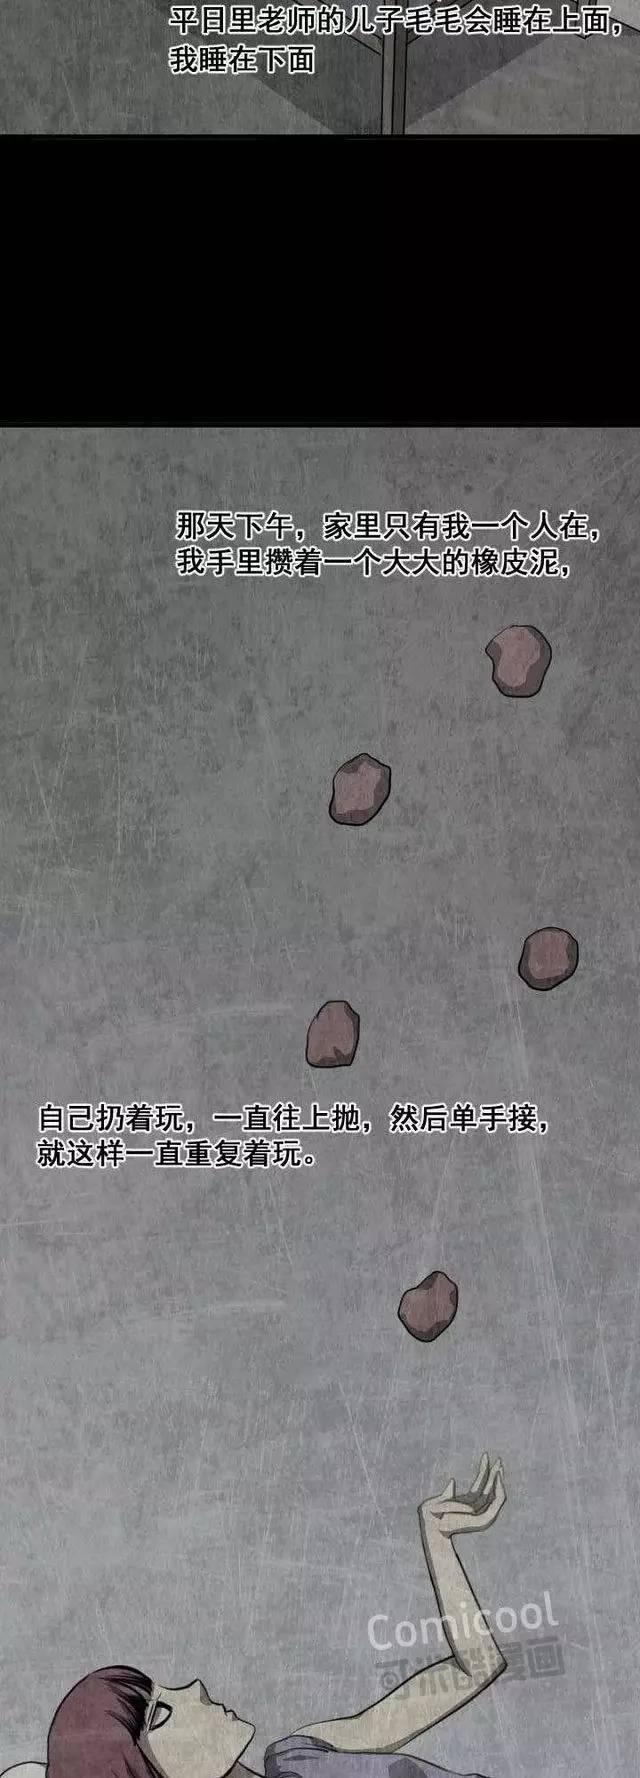 恐怖国王《影子鬼》-搜狐漫画大道漫画图片